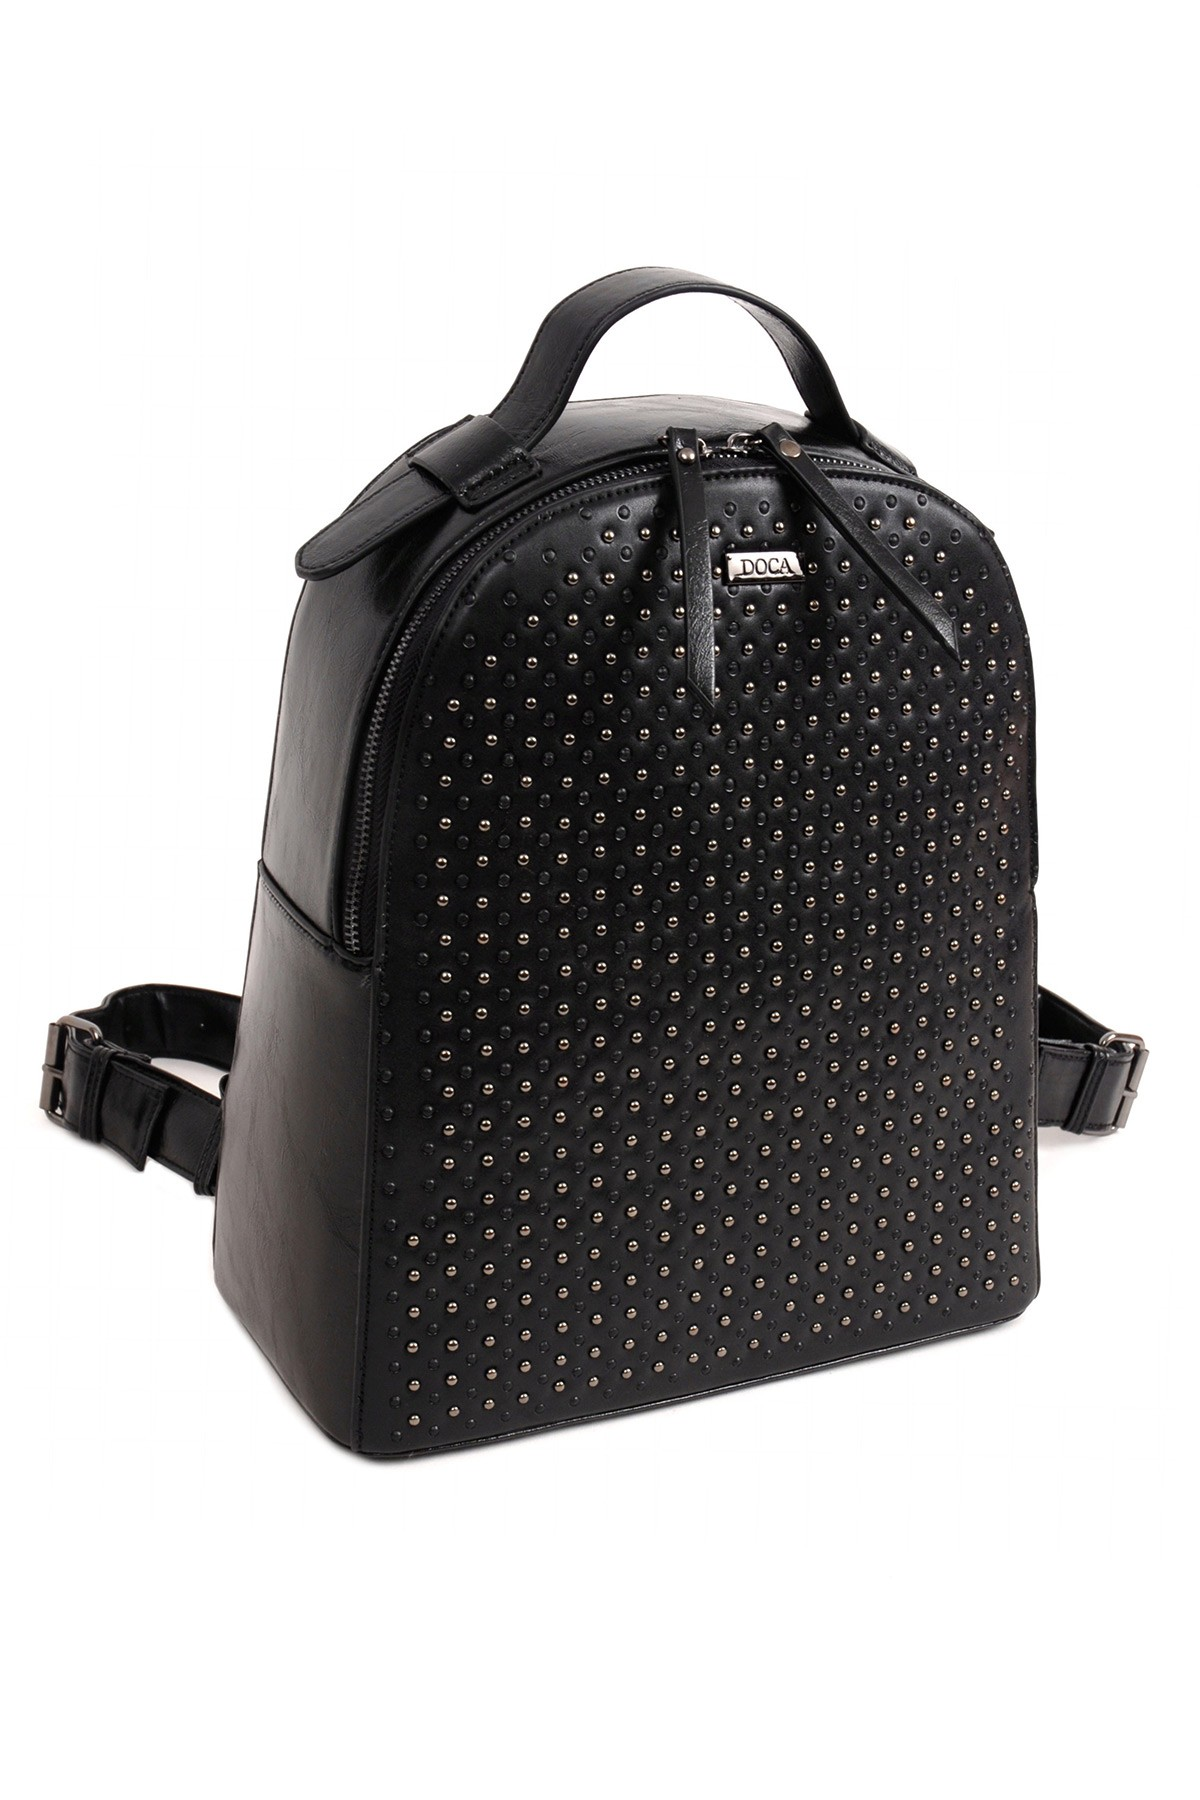 Dámský batoh Doca 14398 - černá.